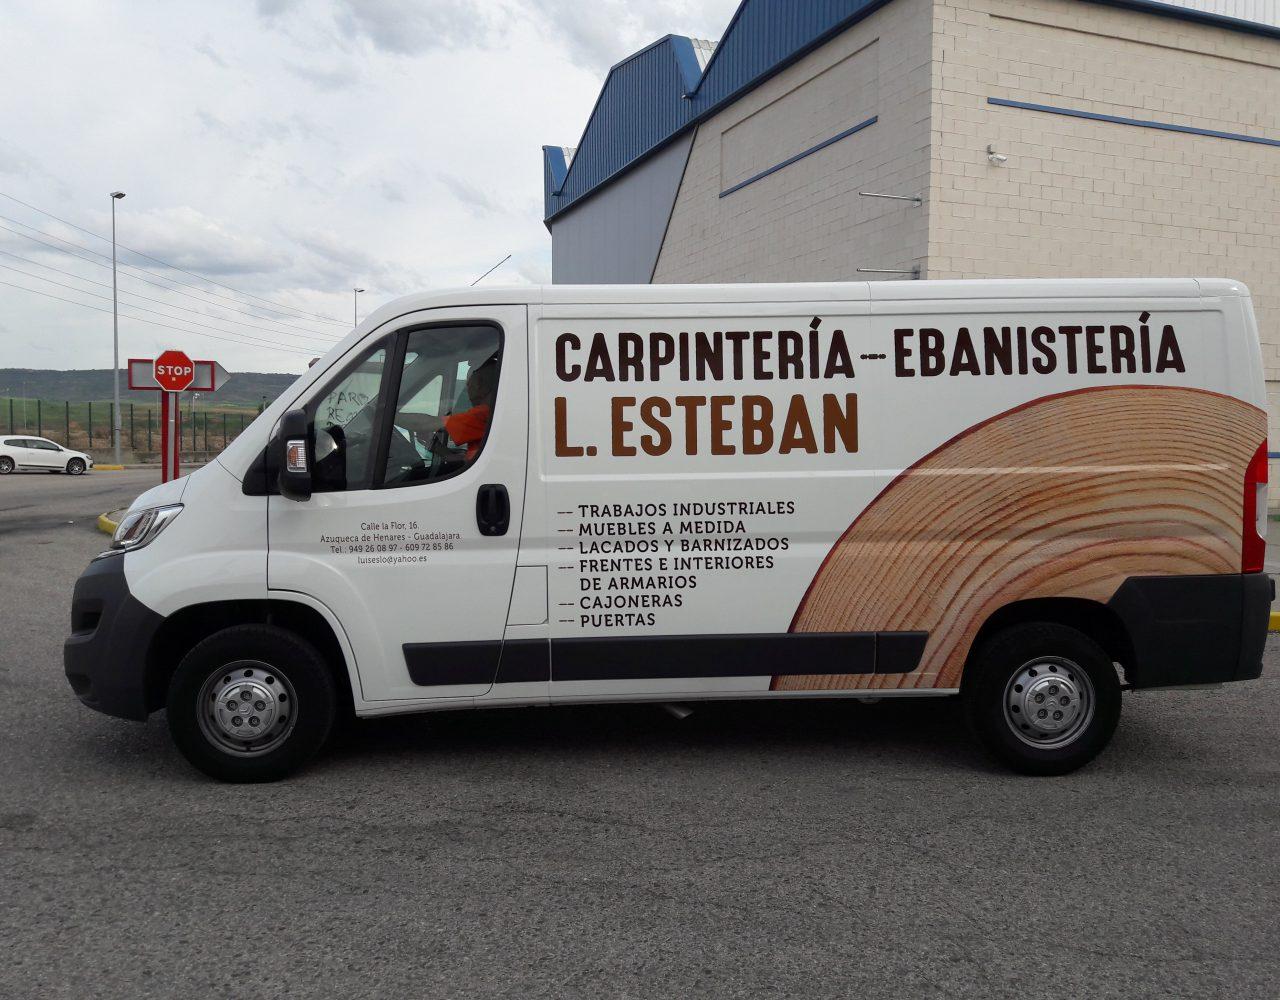 L Esteban